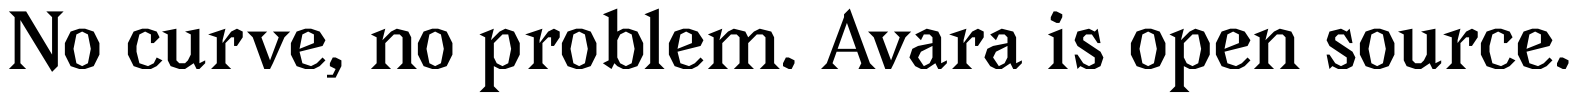 Avara